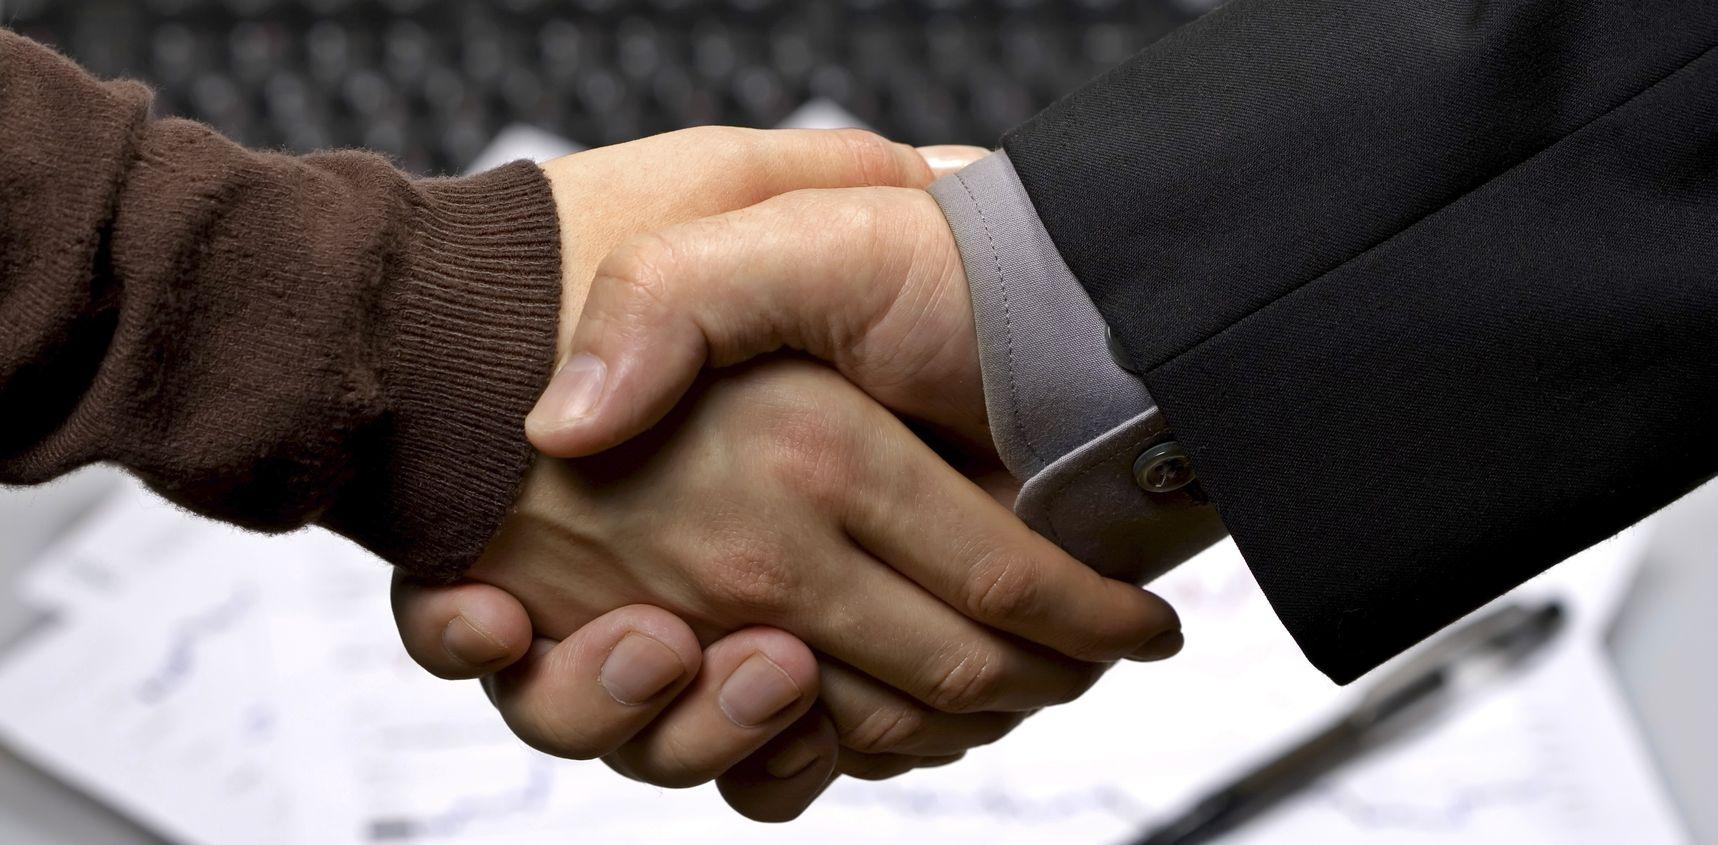 dohoda, uzavretie zmluvy, znalec, klient